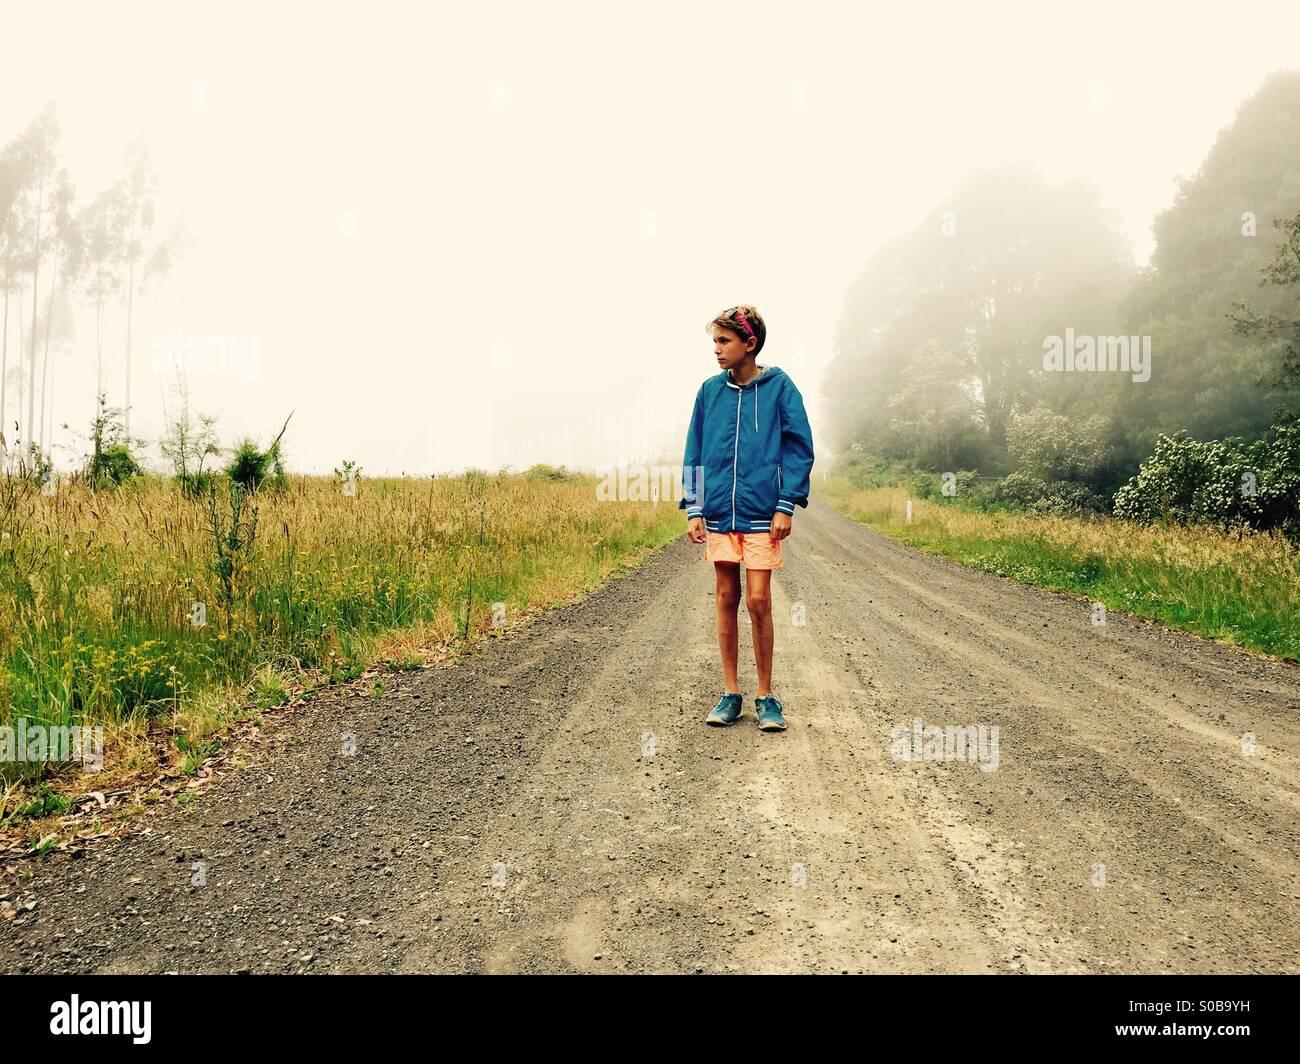 Un muchacho de 11 años caminando por la vía de un país en un día brumoso Foto de stock